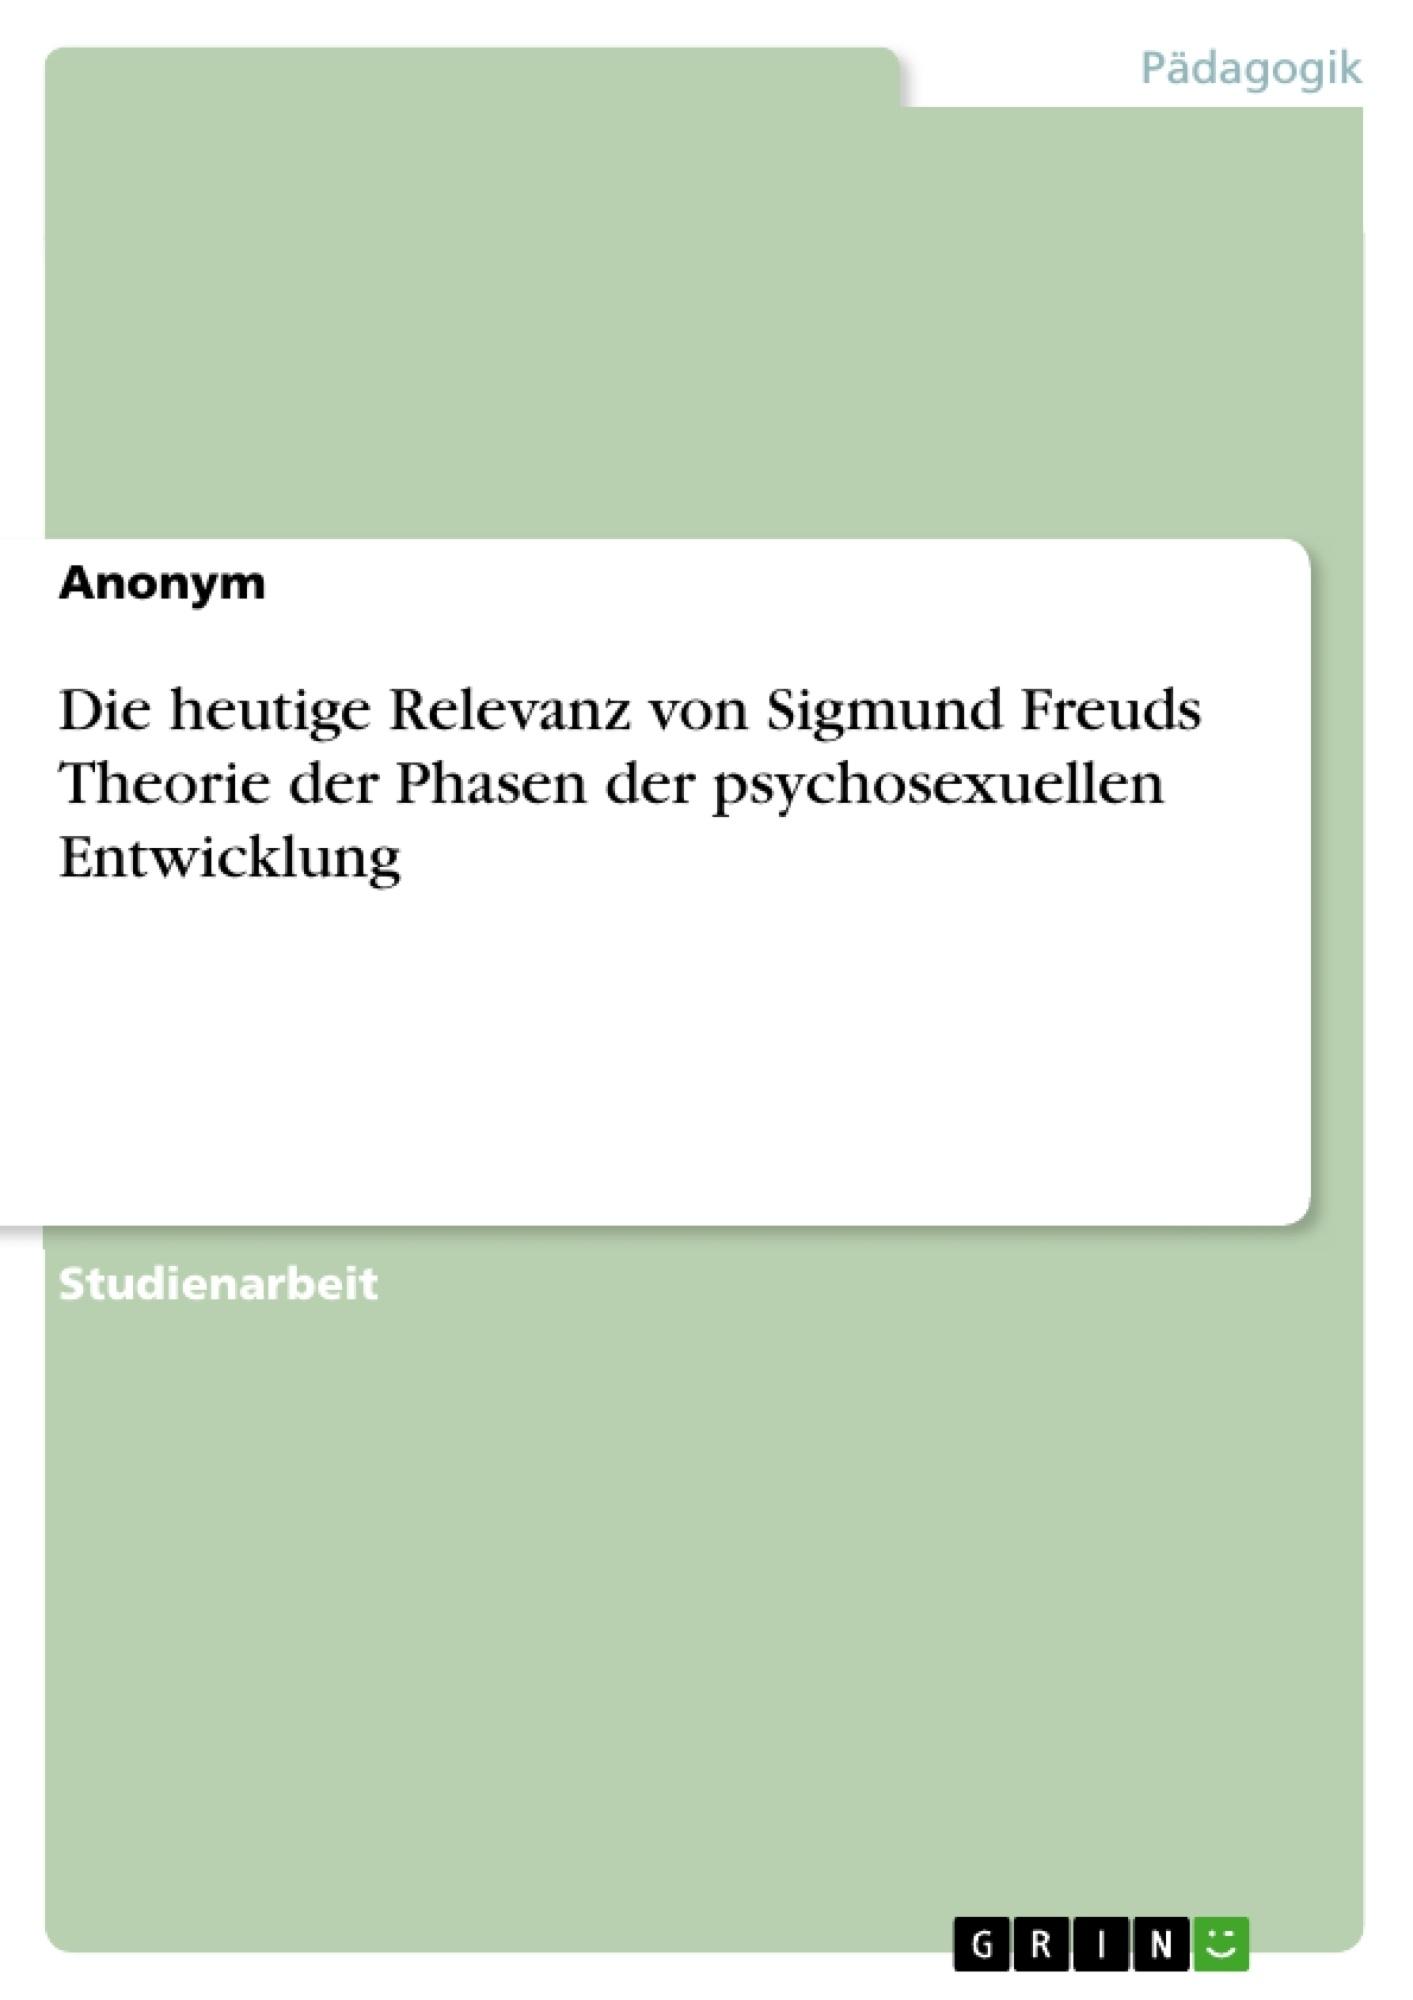 Titel: Die heutige Relevanz von Sigmund Freuds Theorie der Phasen der psychosexuellen Entwicklung